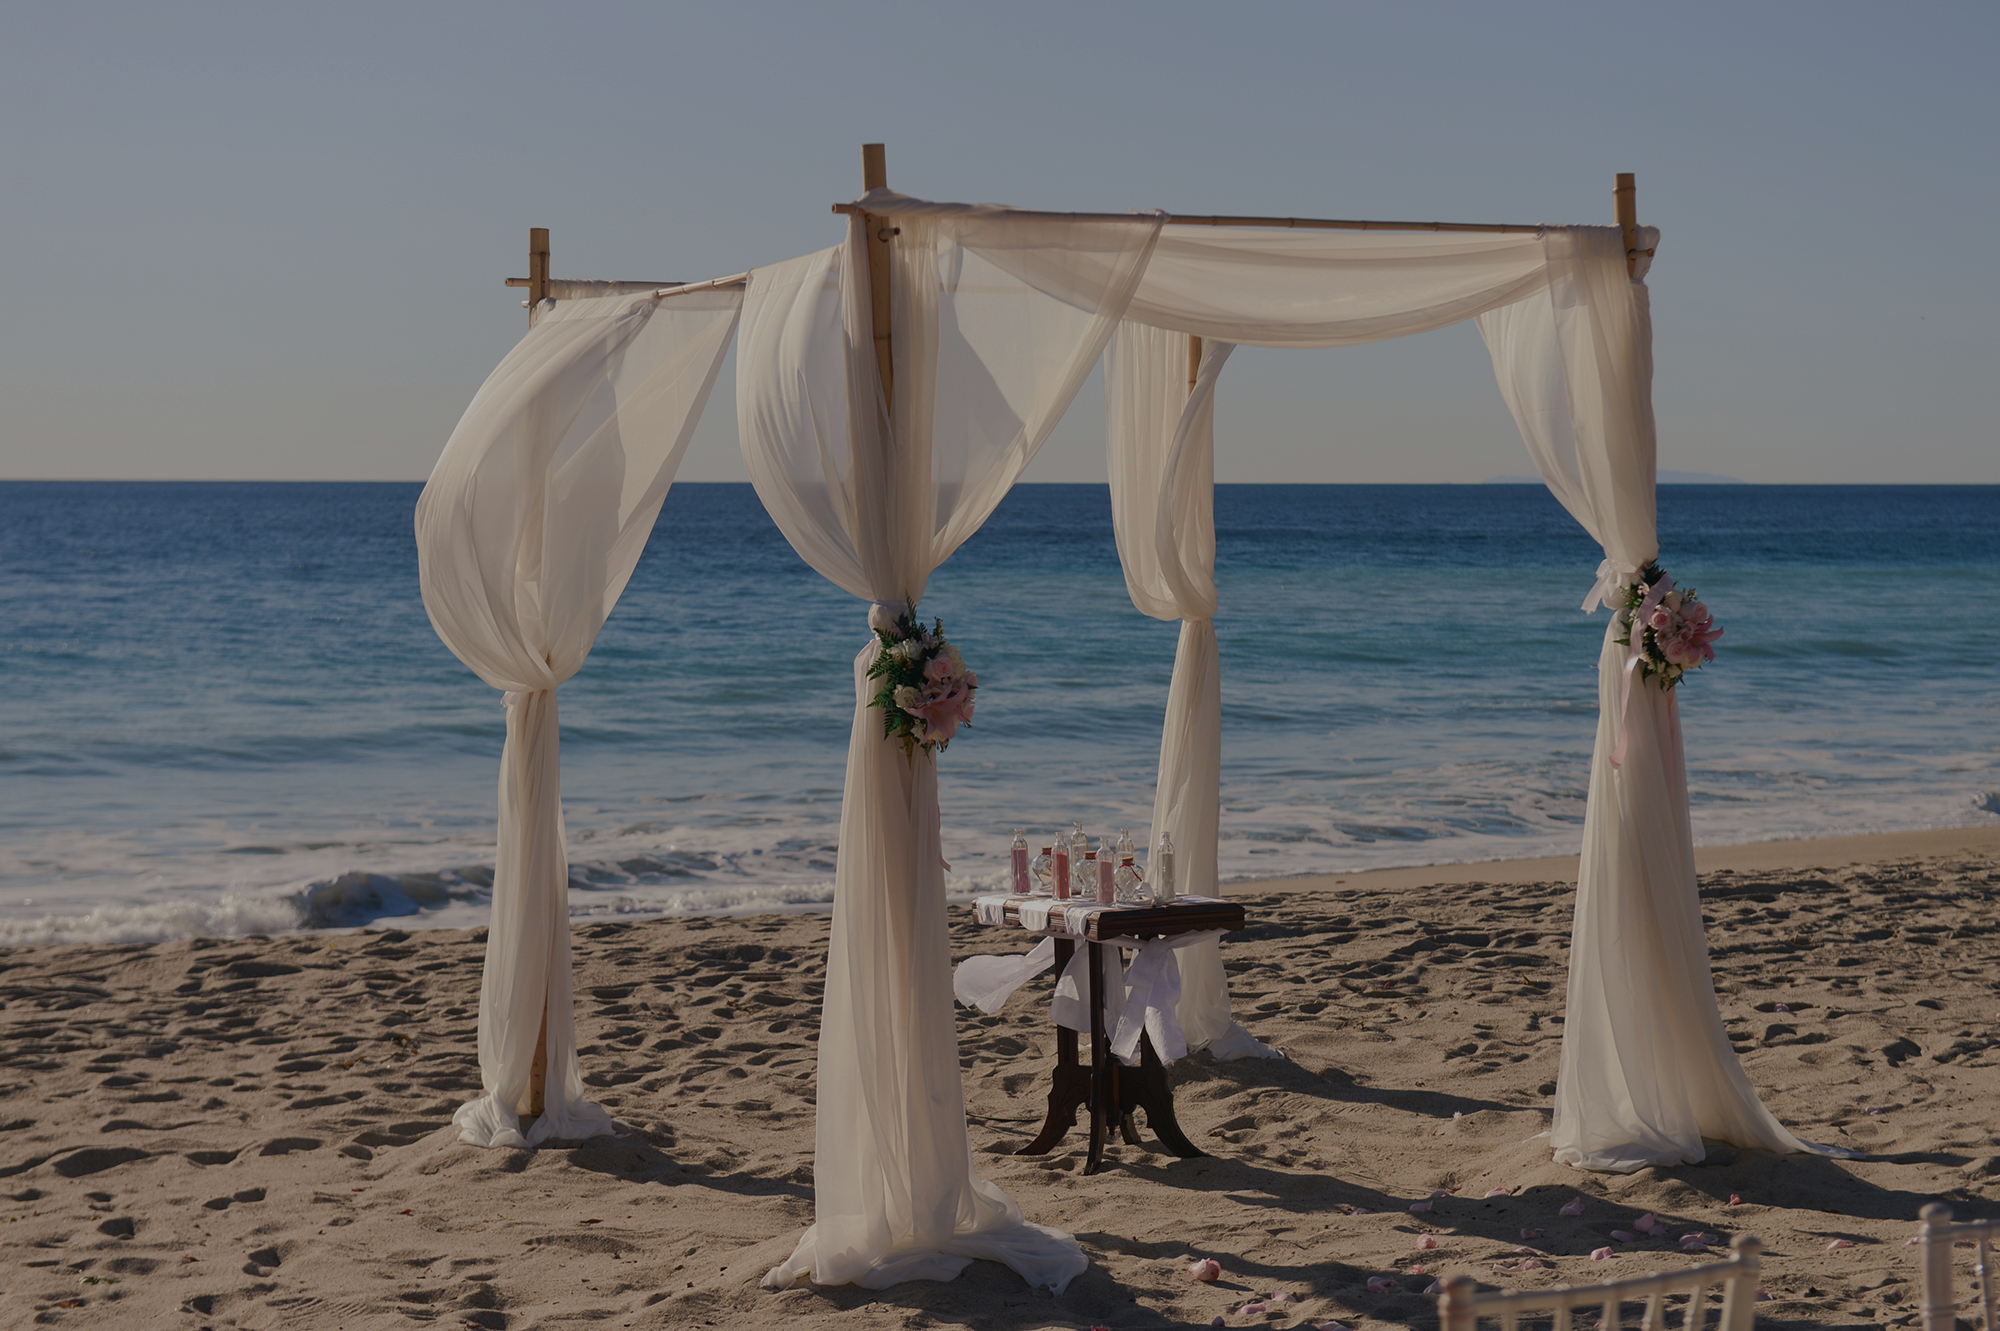 Breathe The Sea at Malibu -